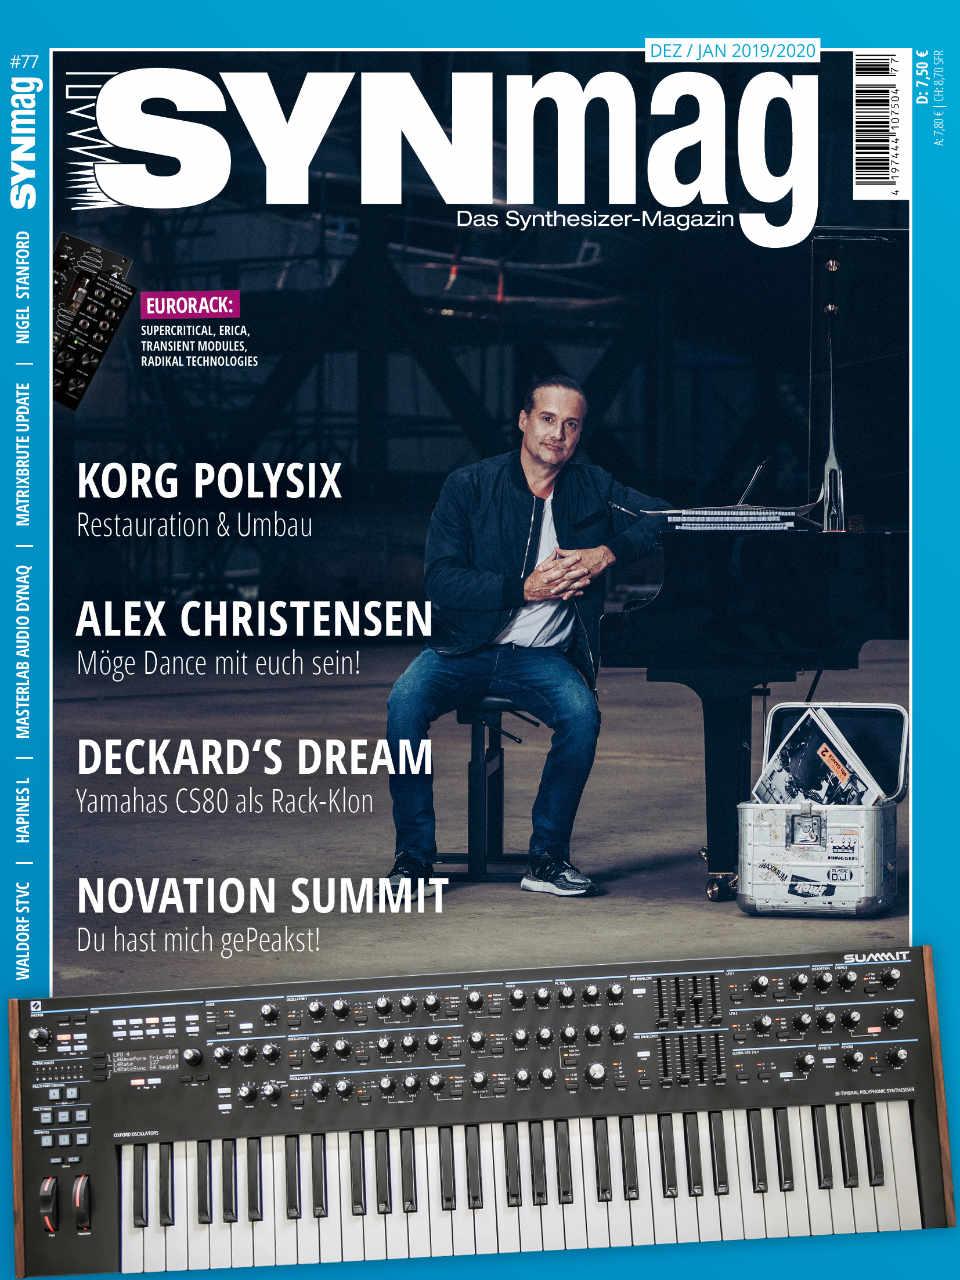 SynMag 77 - Das Synthesizer-Magazin